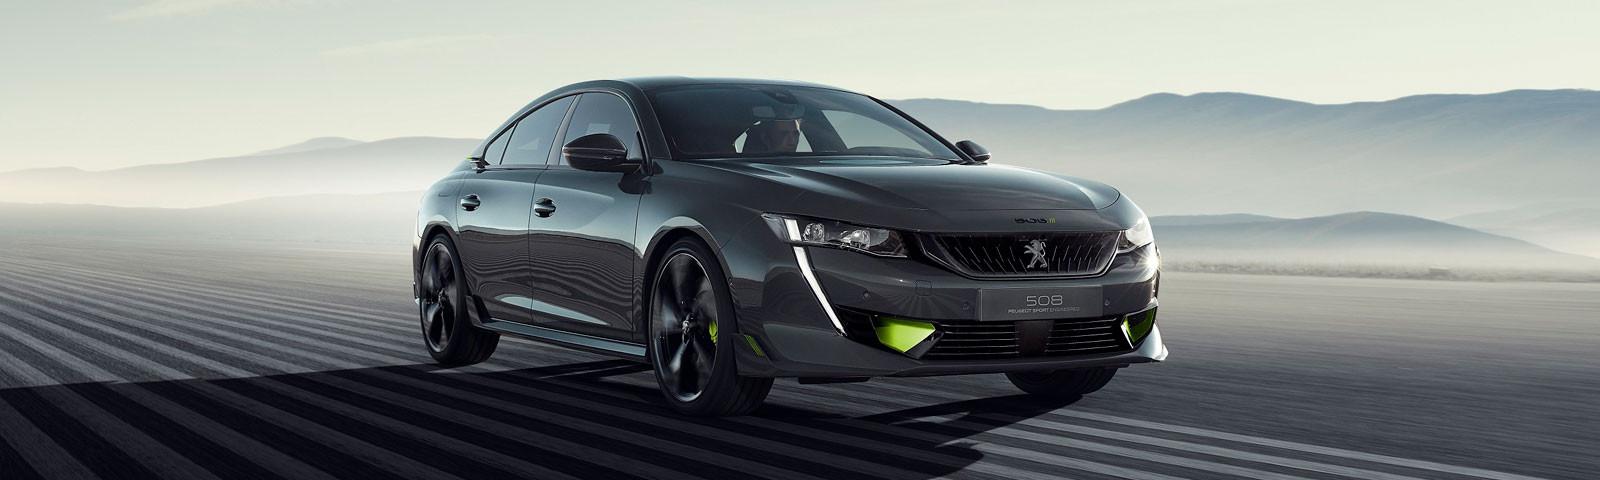 Peugeot Sport desarrolla una nueva generación de superdeportivos electrificados